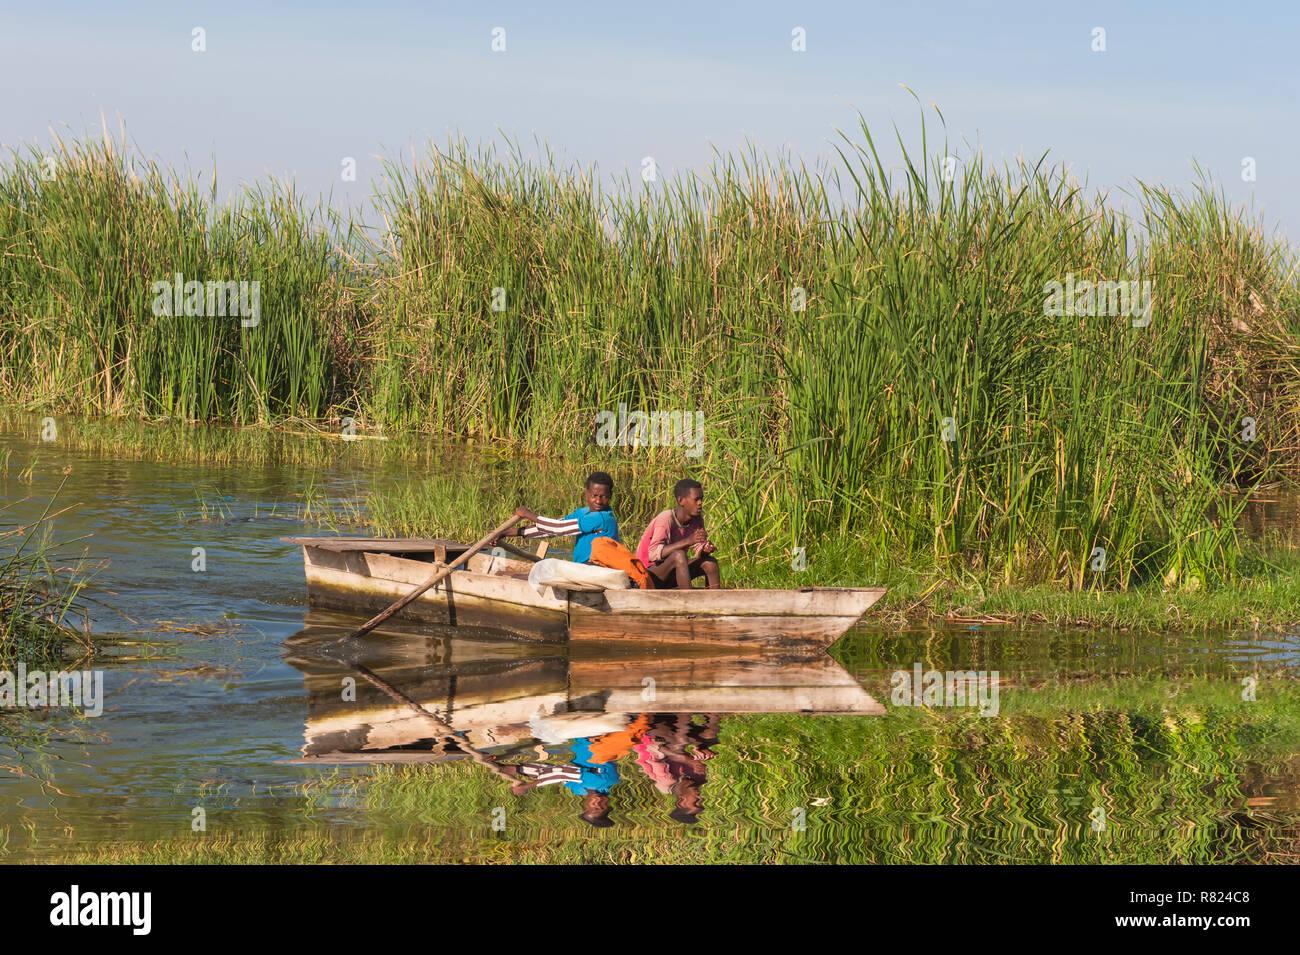 Small fishing boat arriving at Awasa fishing harbor, Awasa, Ethiopia - Stock Image